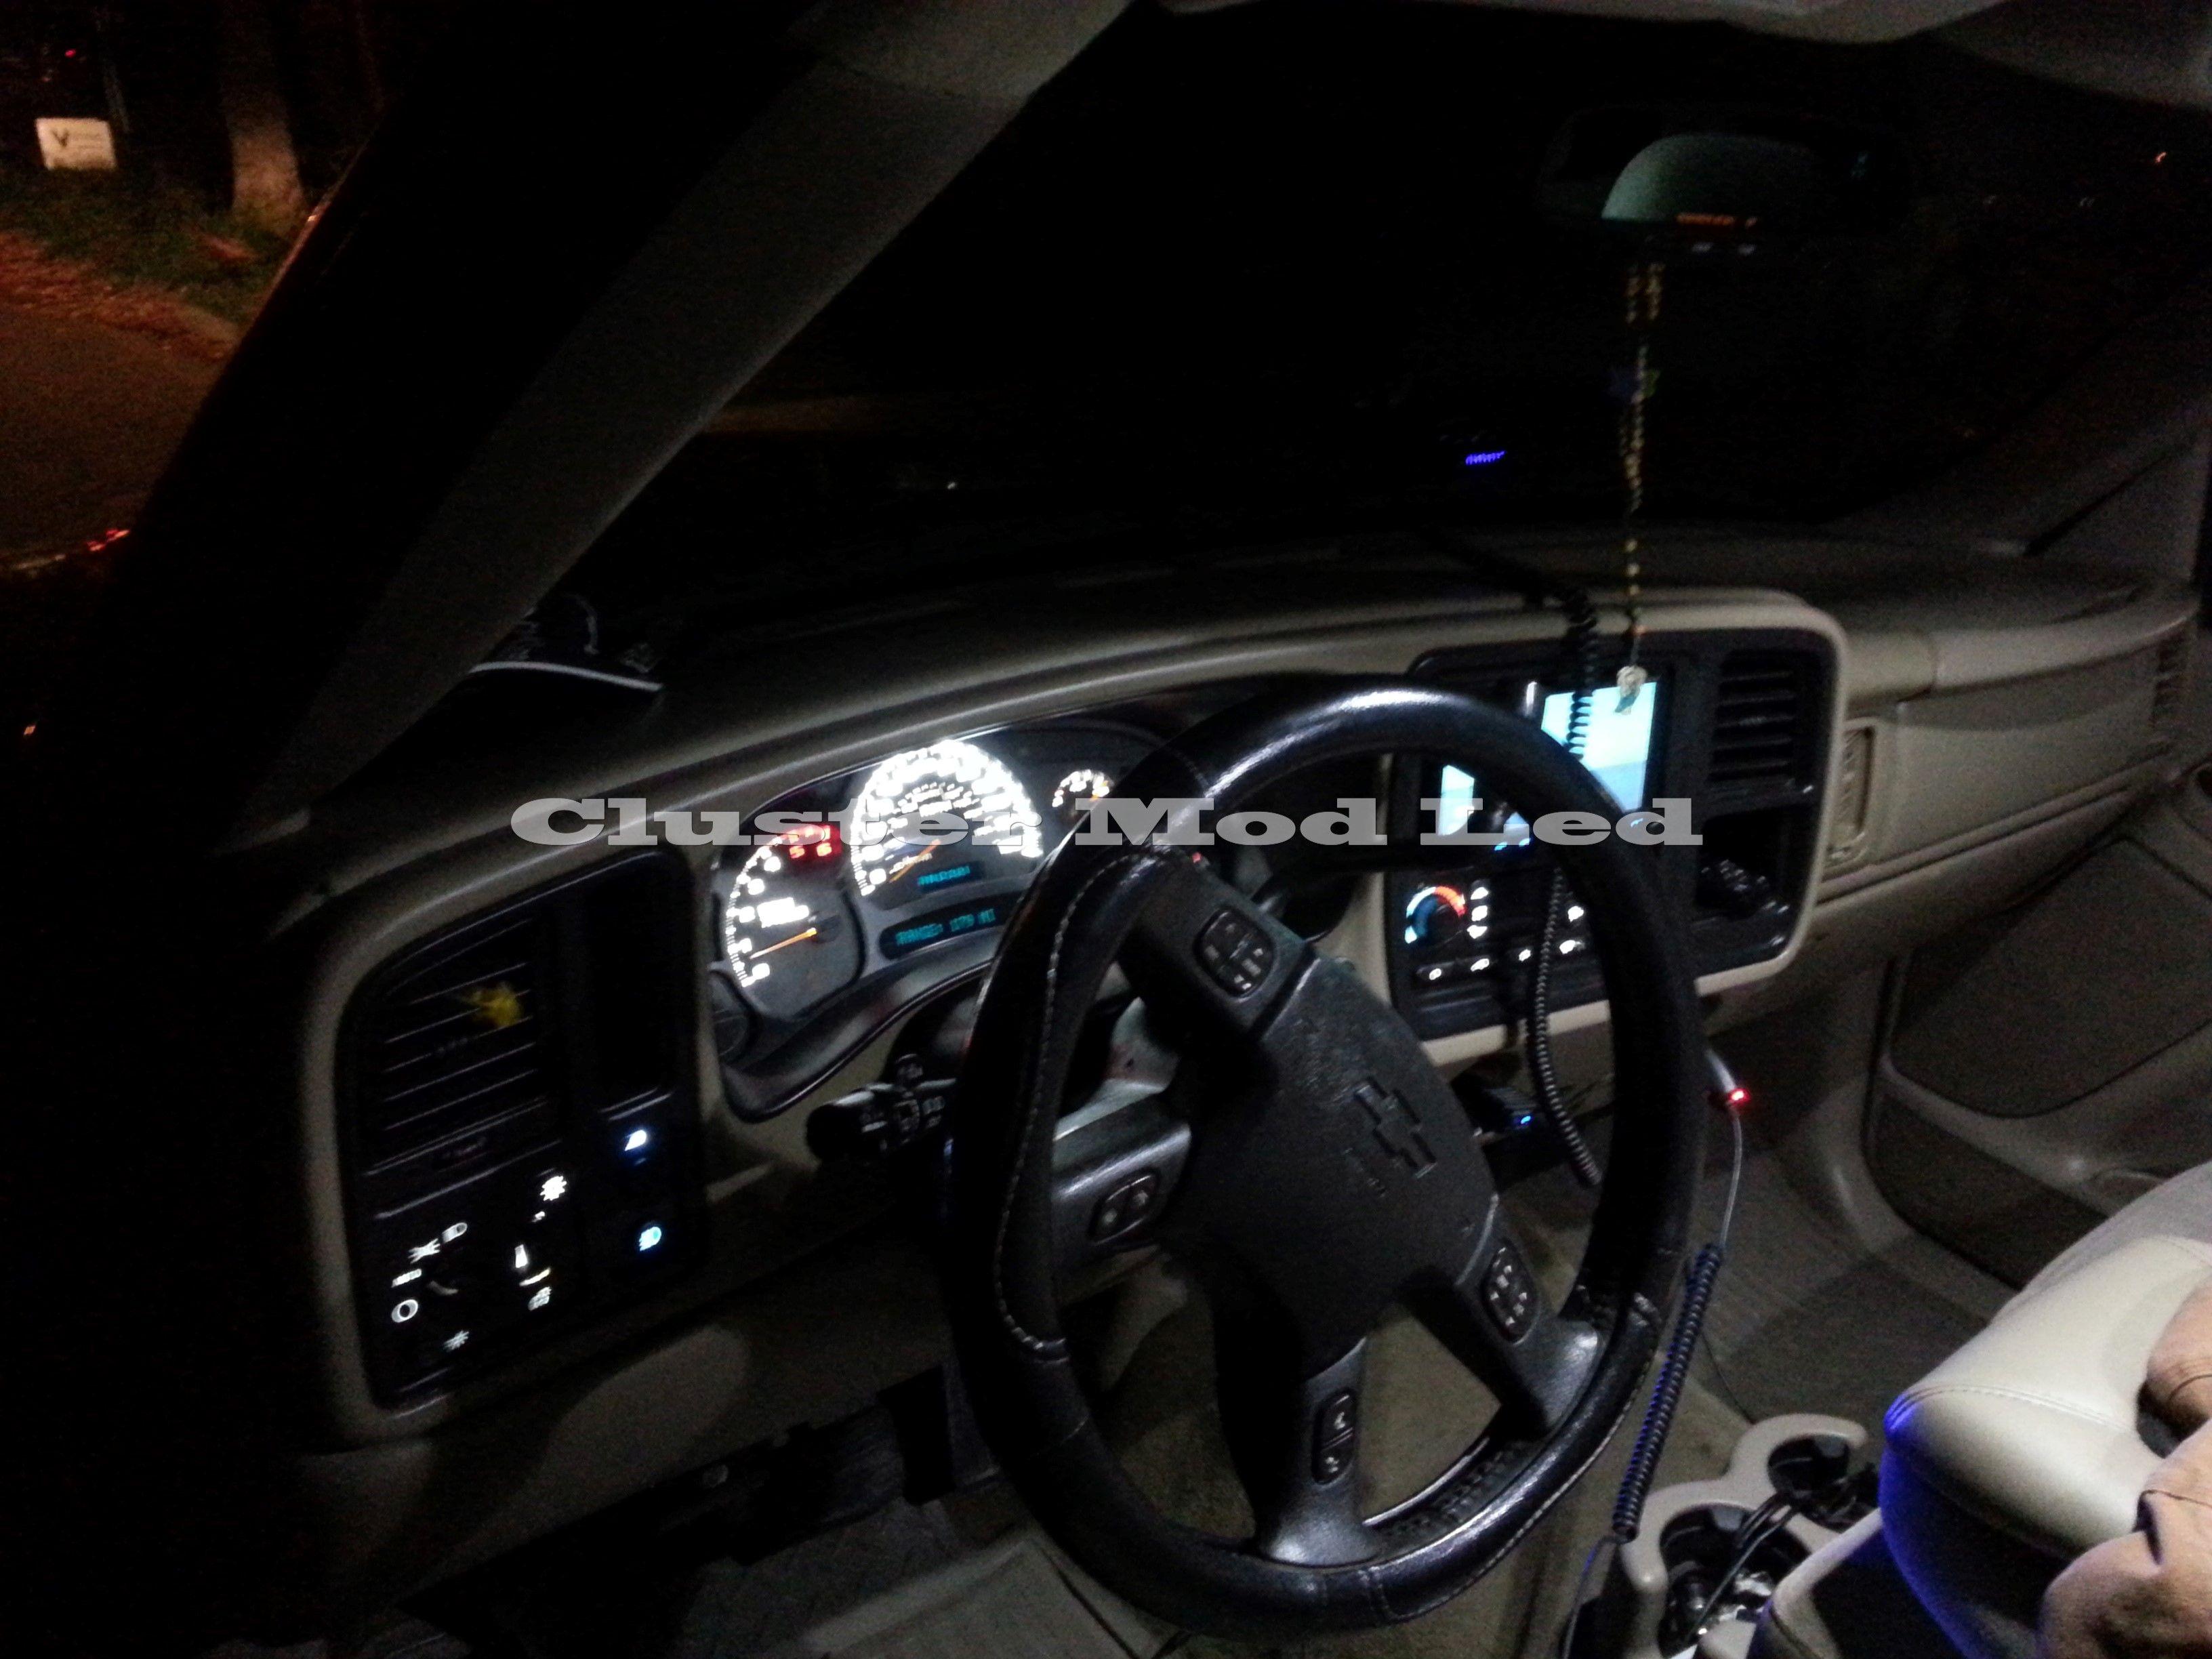 2005 Silverado Gauge Cluster Dash Led Conversion